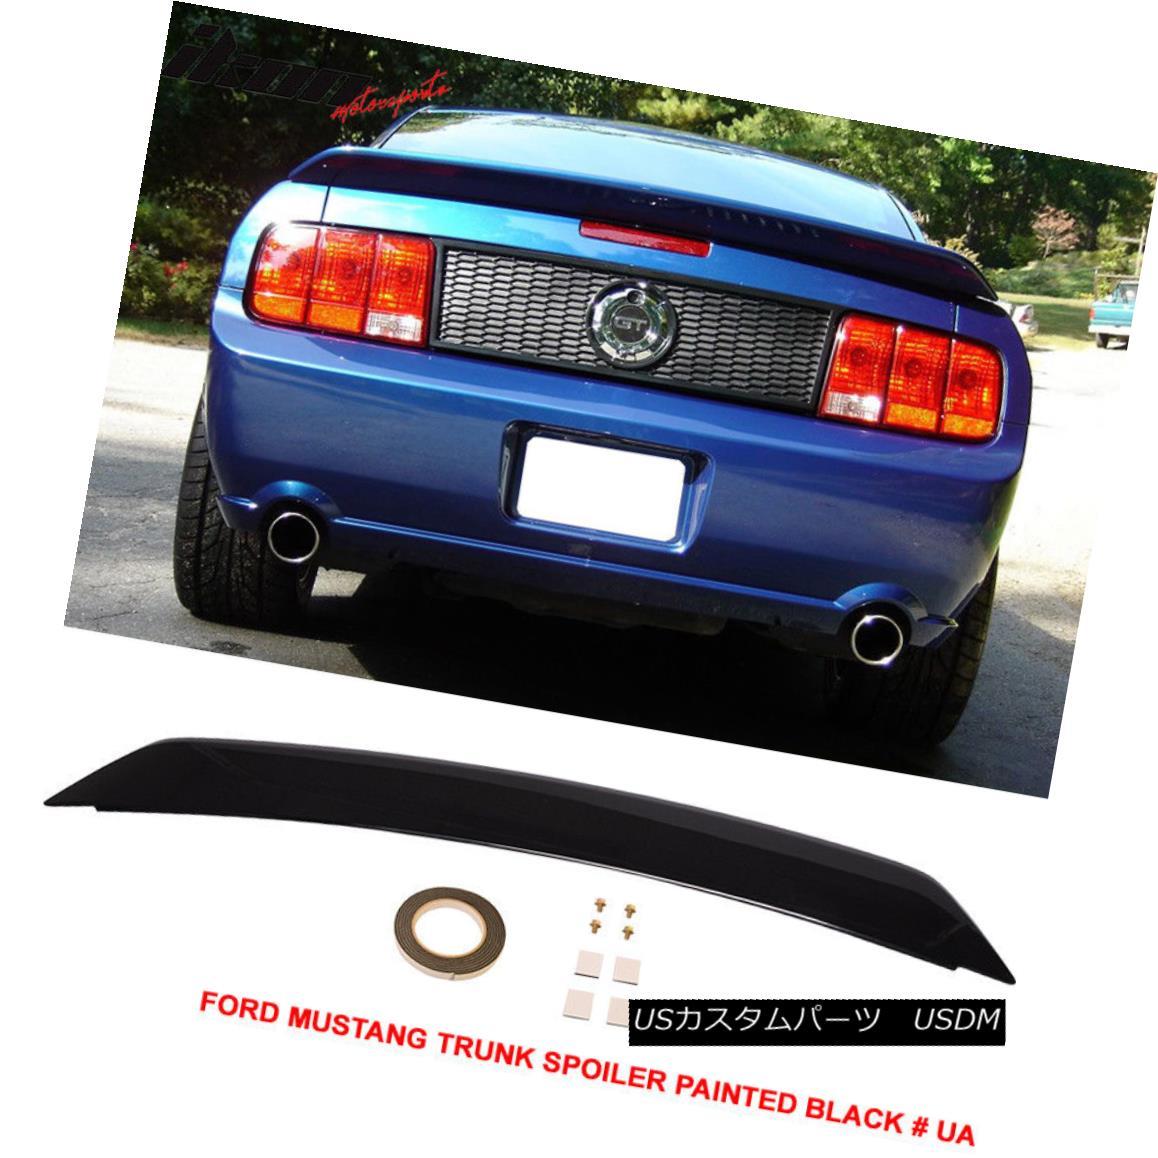 エアロパーツ Fit For 05-09 Ford Mustang OE Trunk Spoiler Painted Black # UA - ABS 05-09 Ford Mustang OEトランク・スポイラー・ペイント・ブラック#UA - ABS